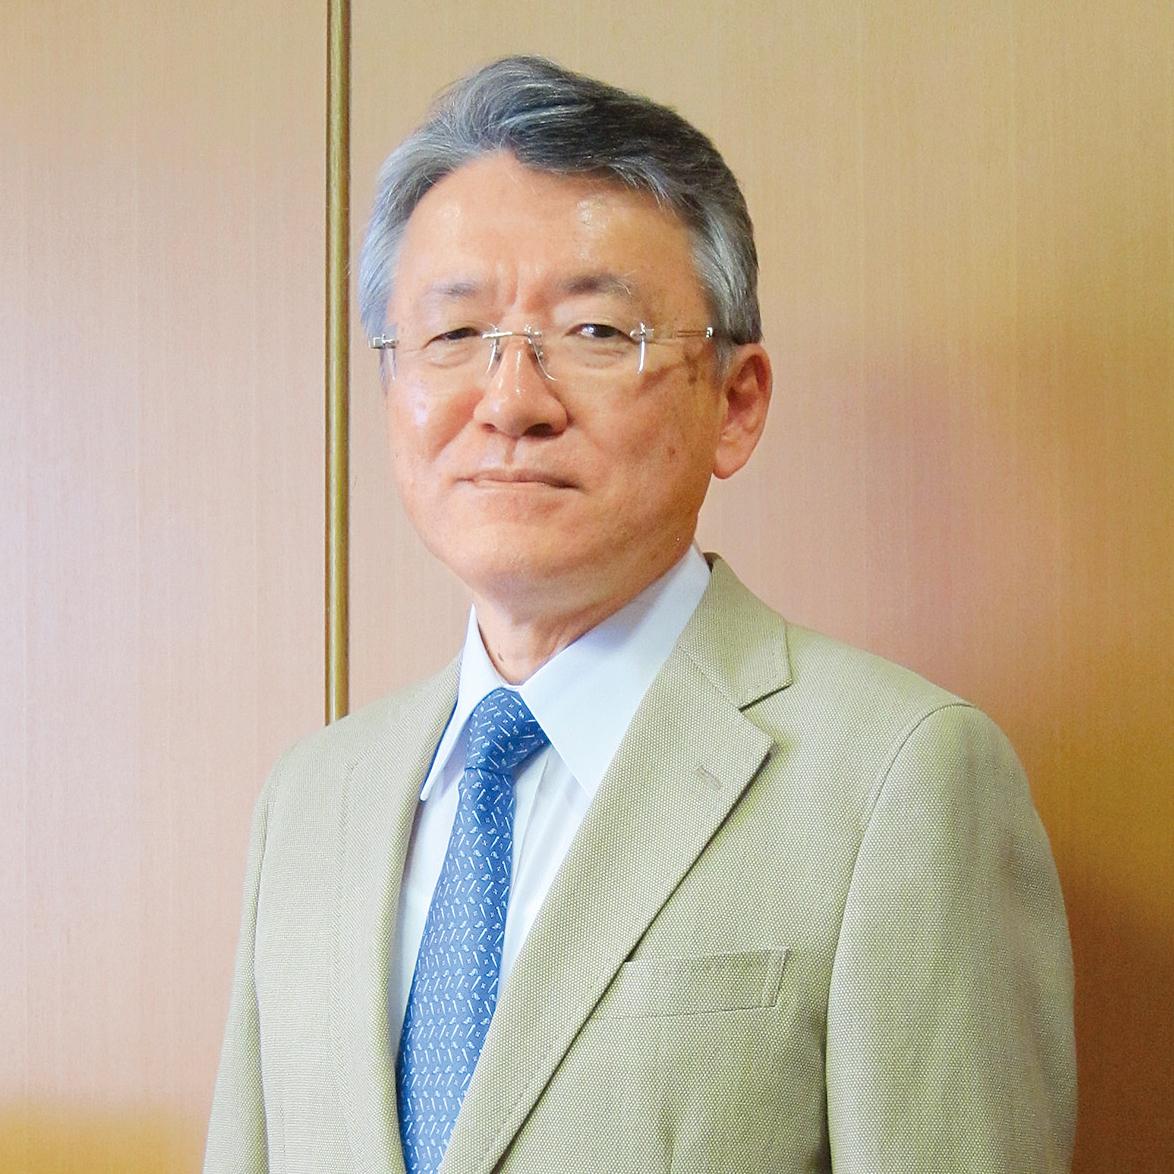 高度救命救急から若手育成まで 長崎県の医療の要でありたい